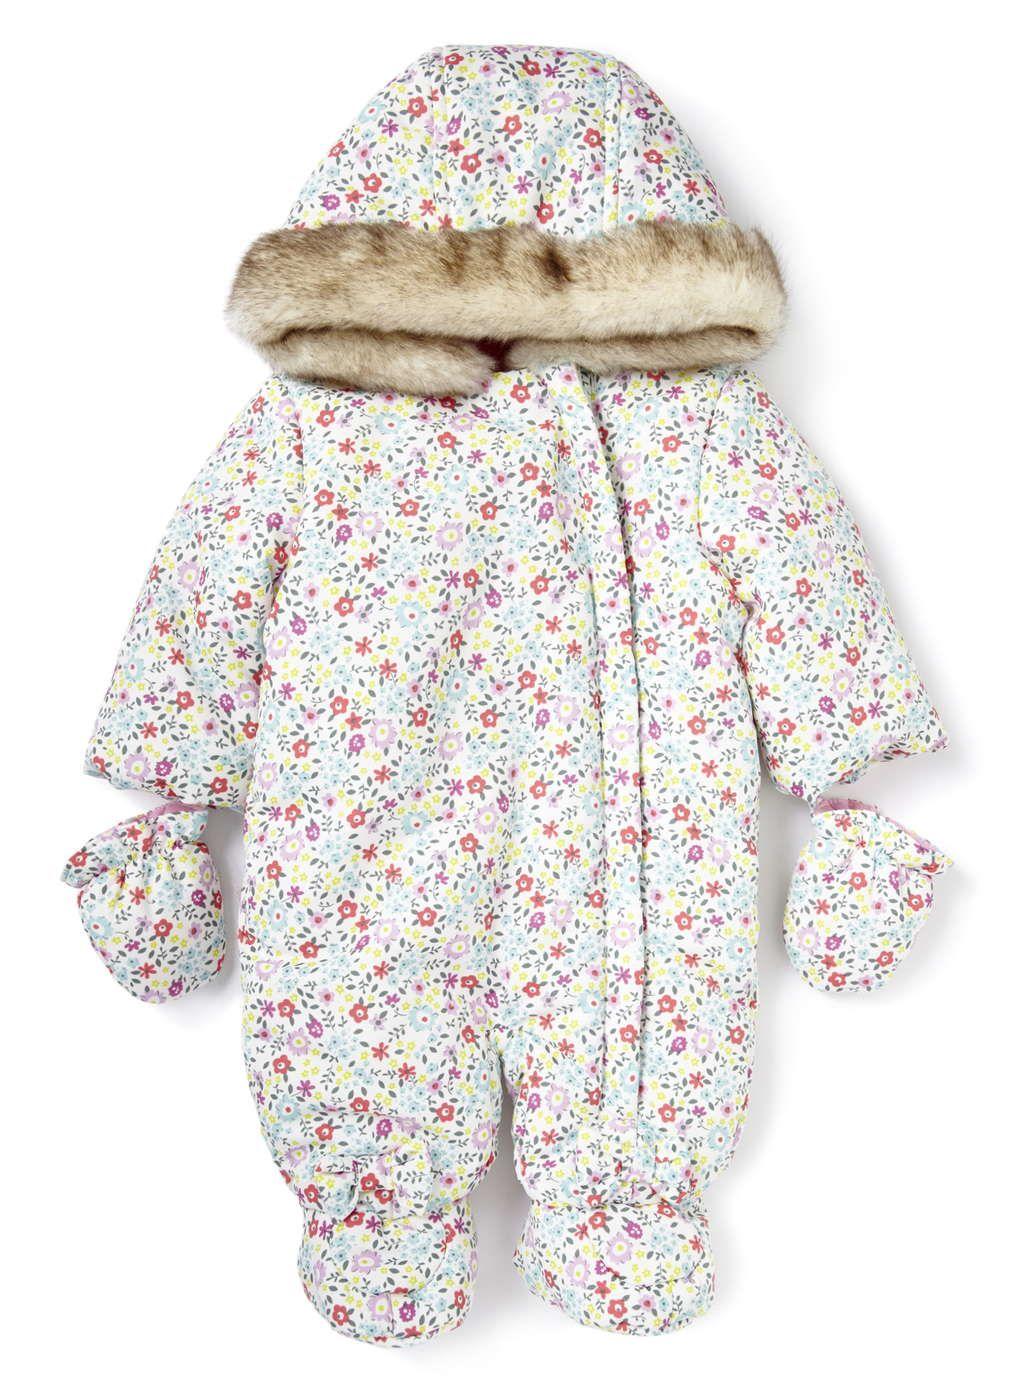 Baby Girls Floral Snowsuit - BHS | SnowSuit | Pinterest | Babies ...